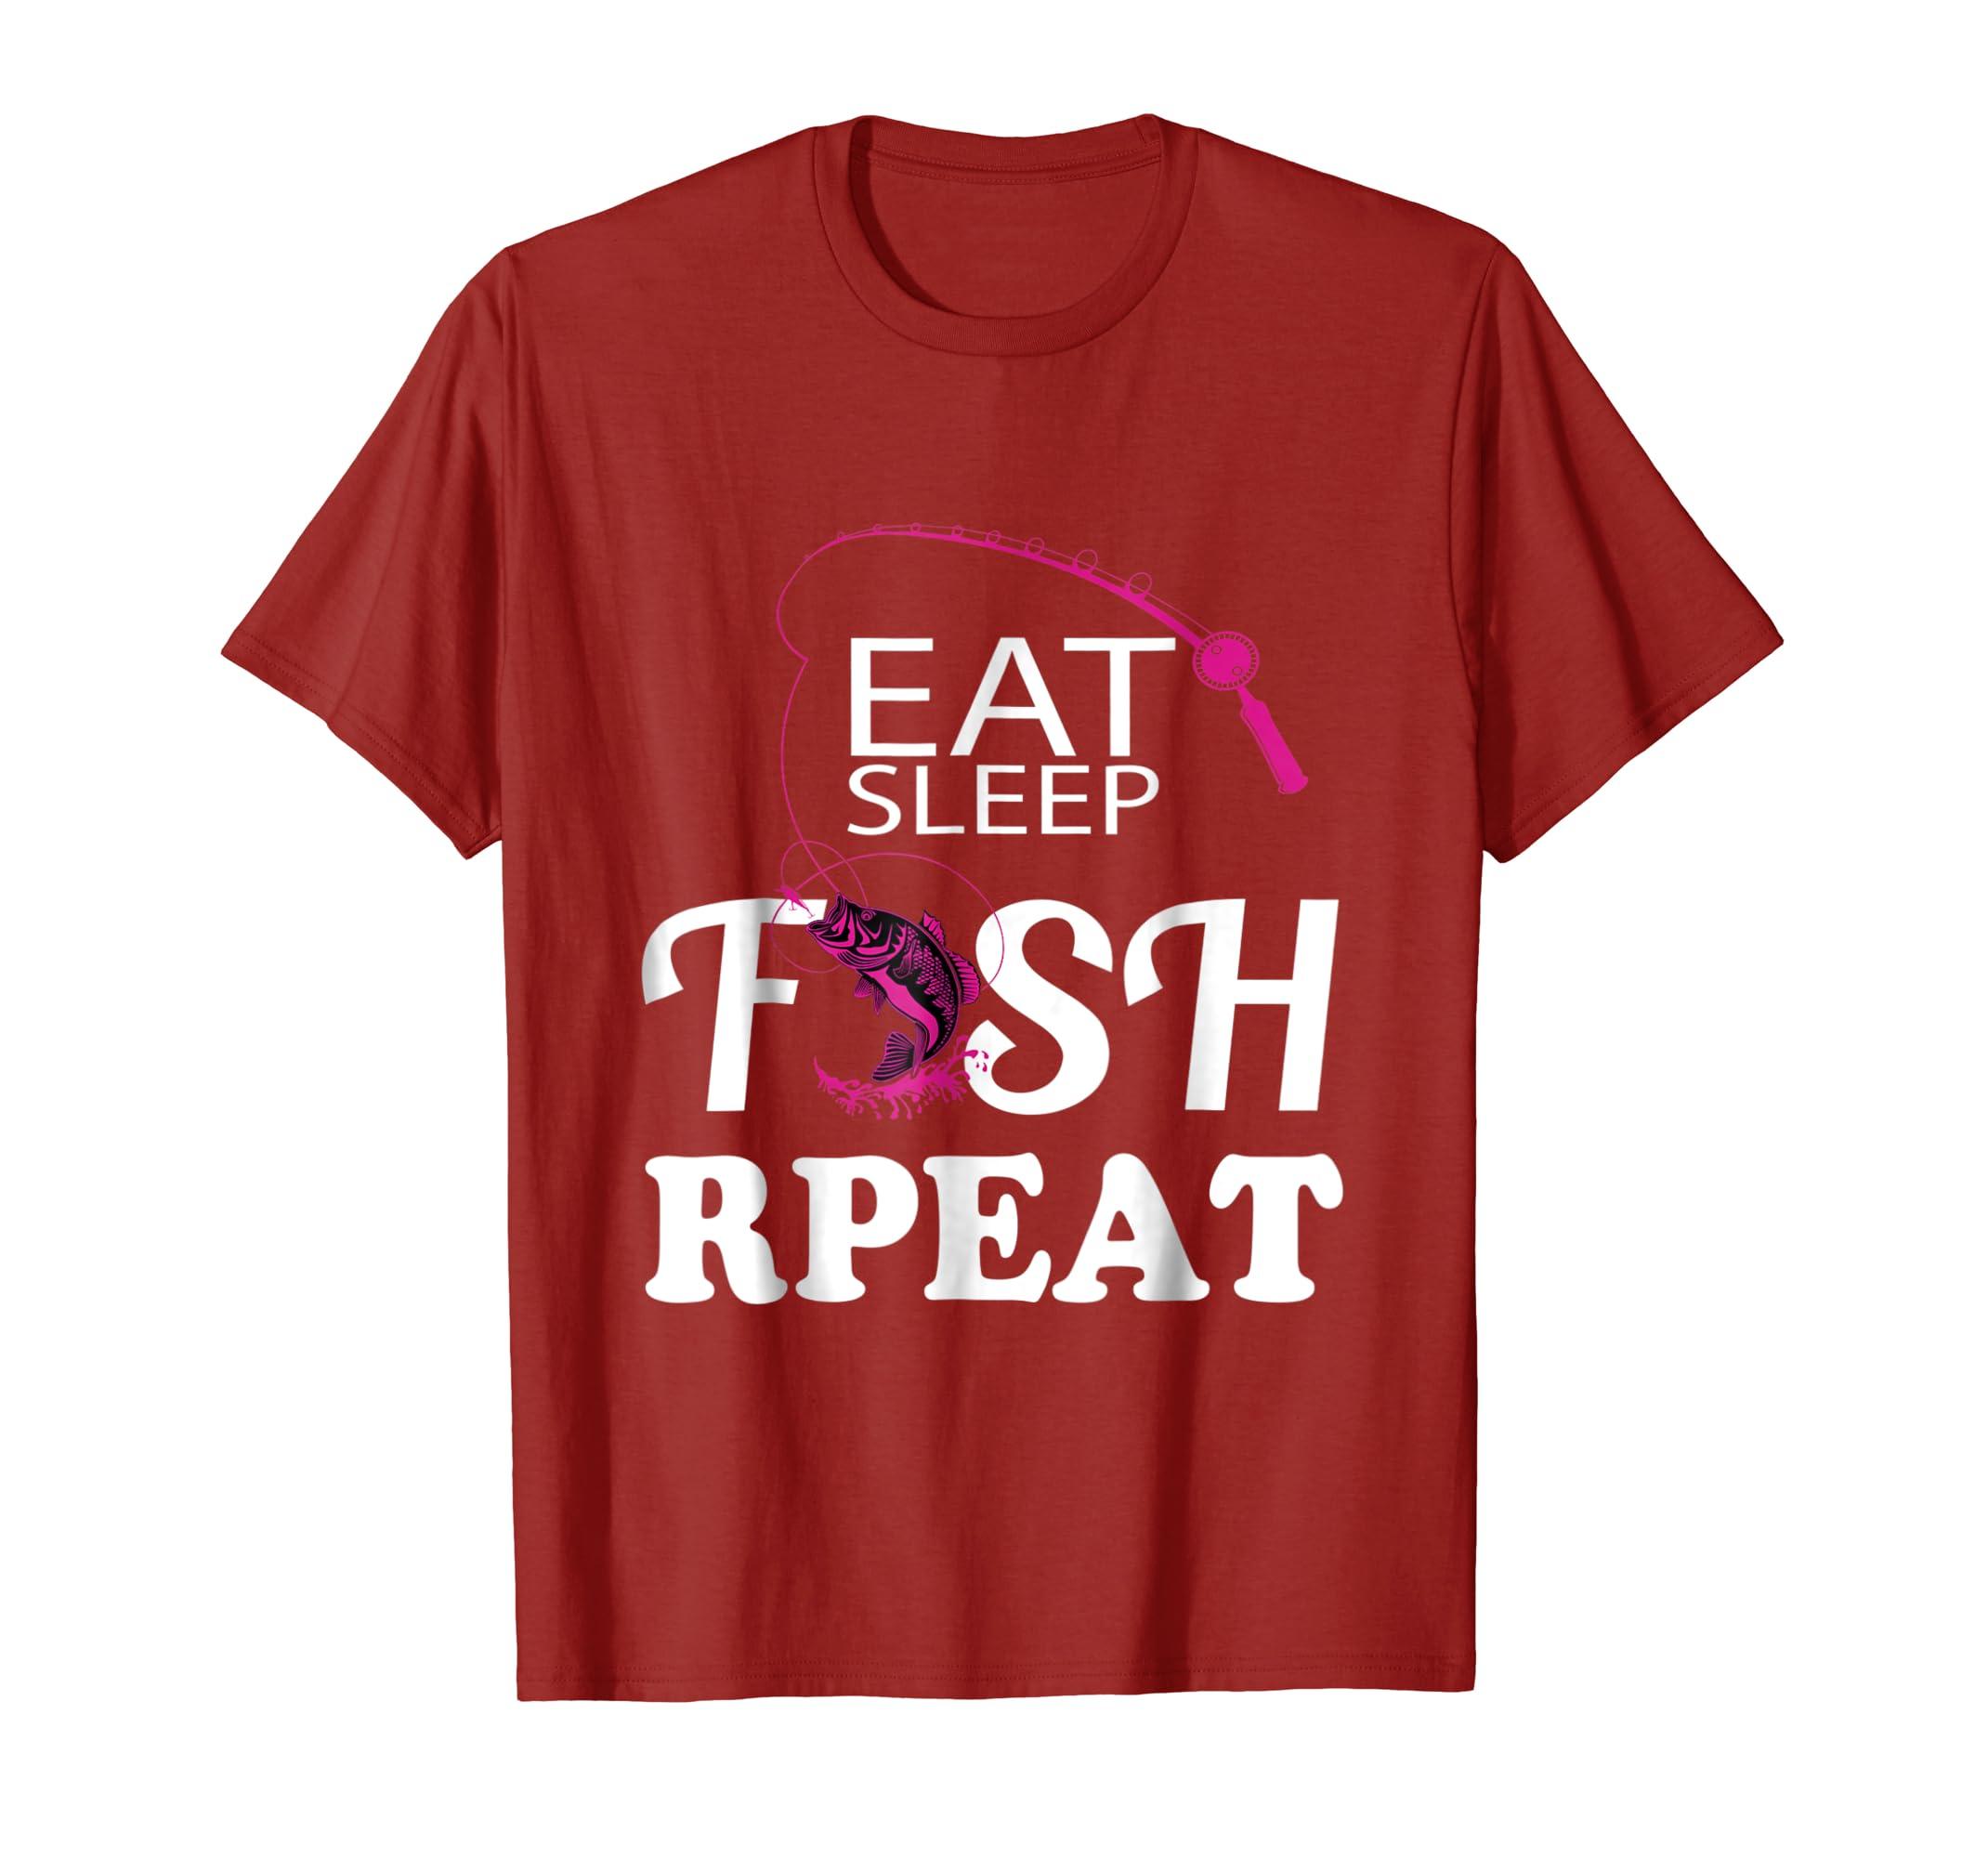 531d0b63 Amazon.com: Fishing T-Shirt Eat Sleep Fish Repeat tshirt: Clothing